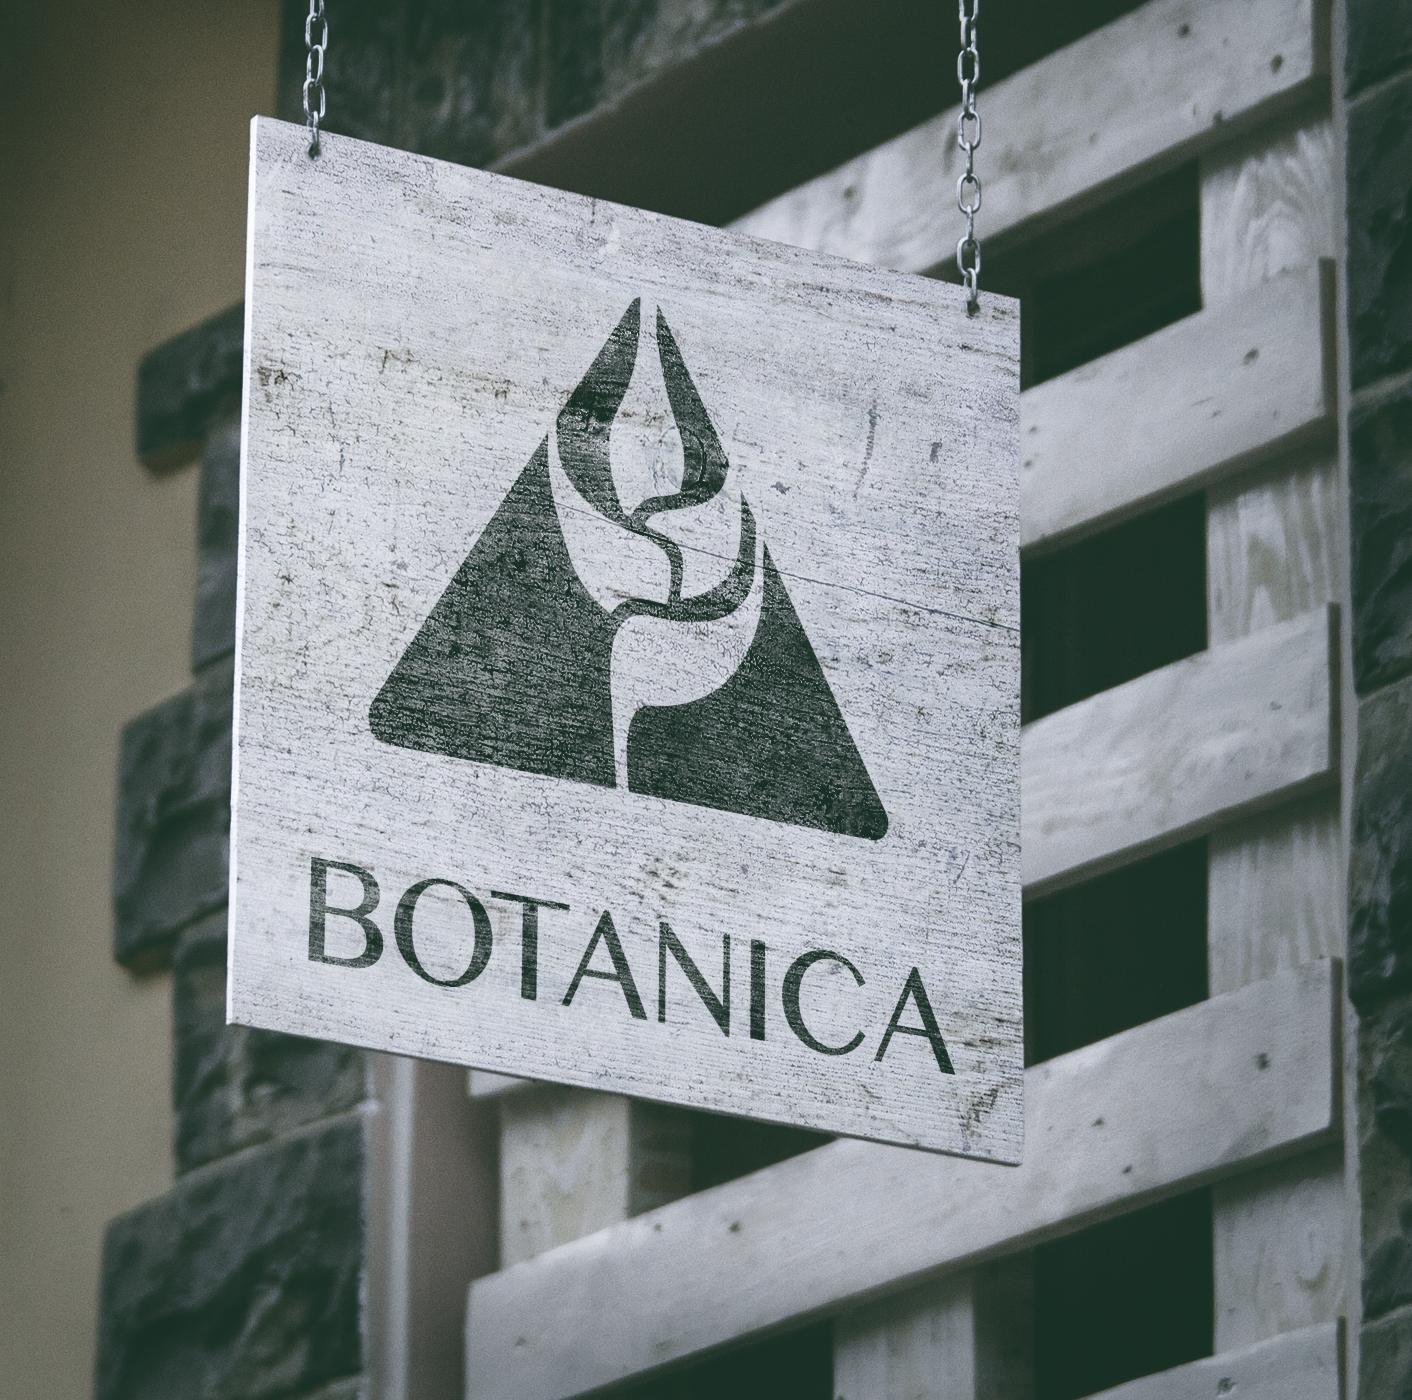 Botanica_logo_board